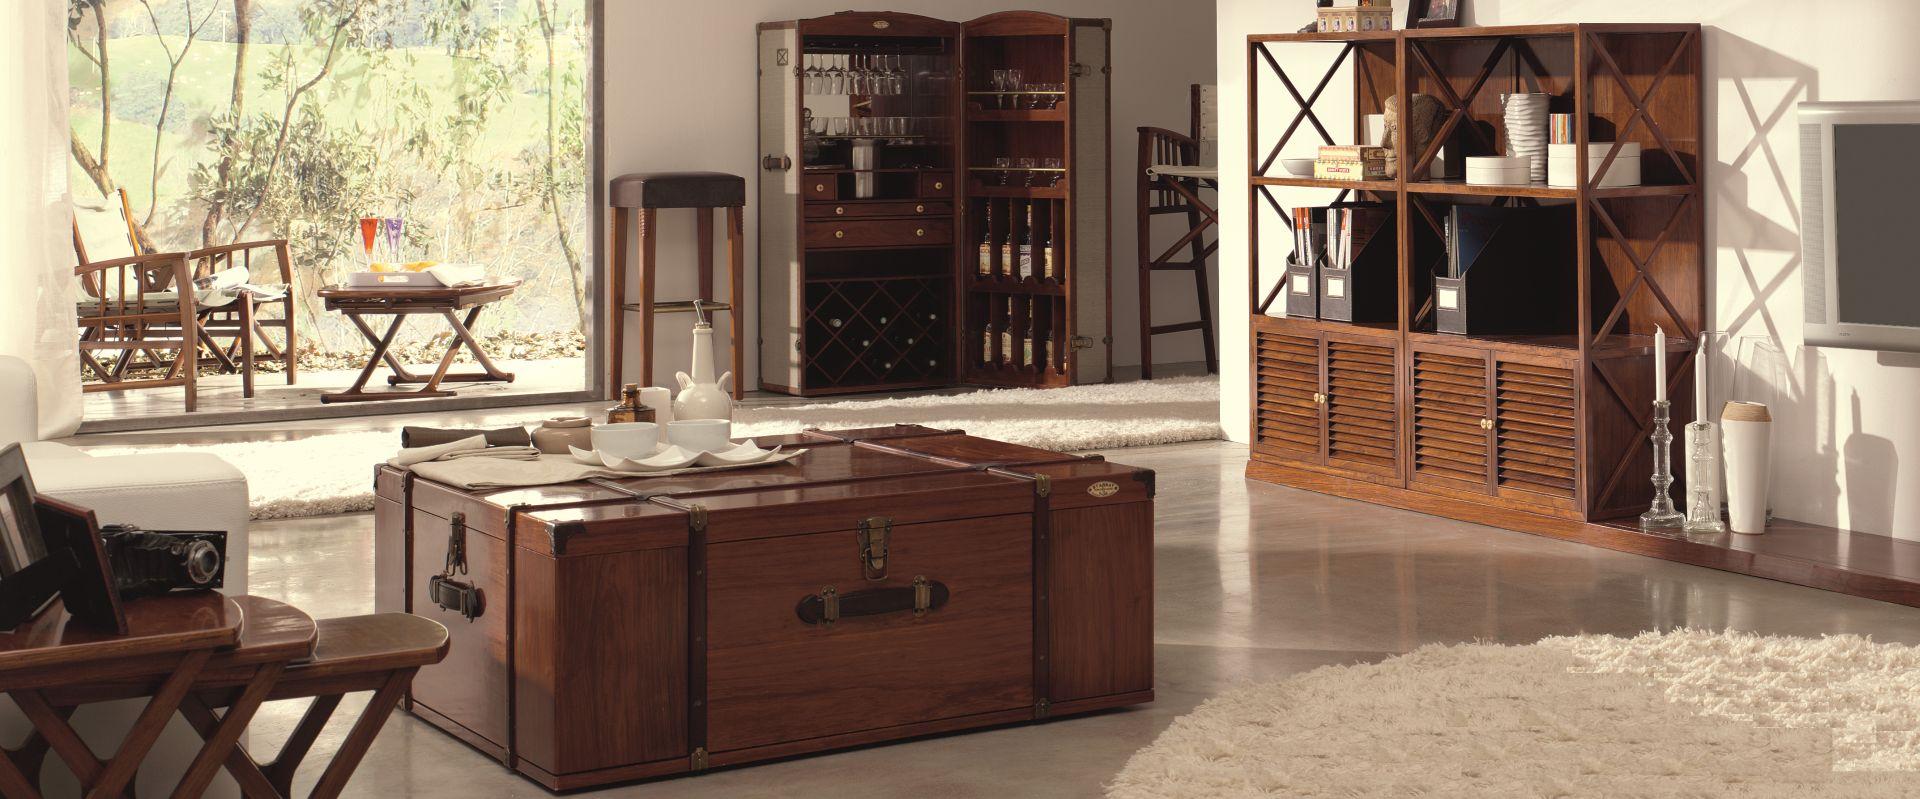 Collection signature mobilier de marine et meubles de voyage - Signature meubles ...